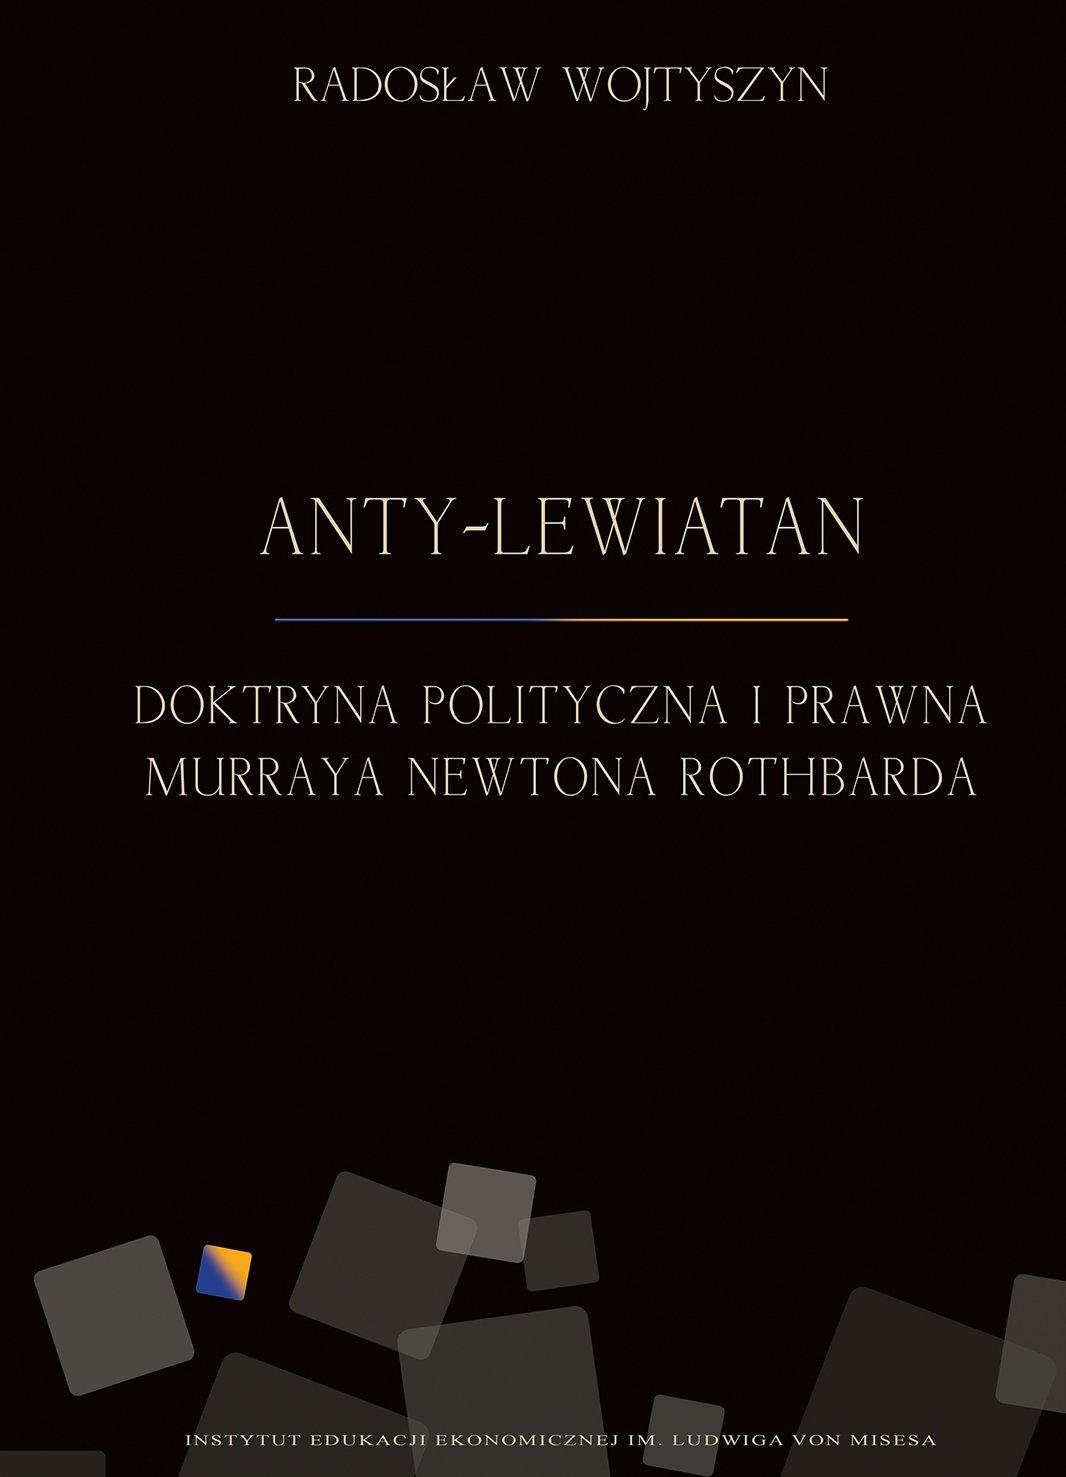 Anty-Lewiatan. Doktryna polityczna i prawna Murraya Newtona Rothbarda - Ebook (Książka PDF) do pobrania w formacie PDF